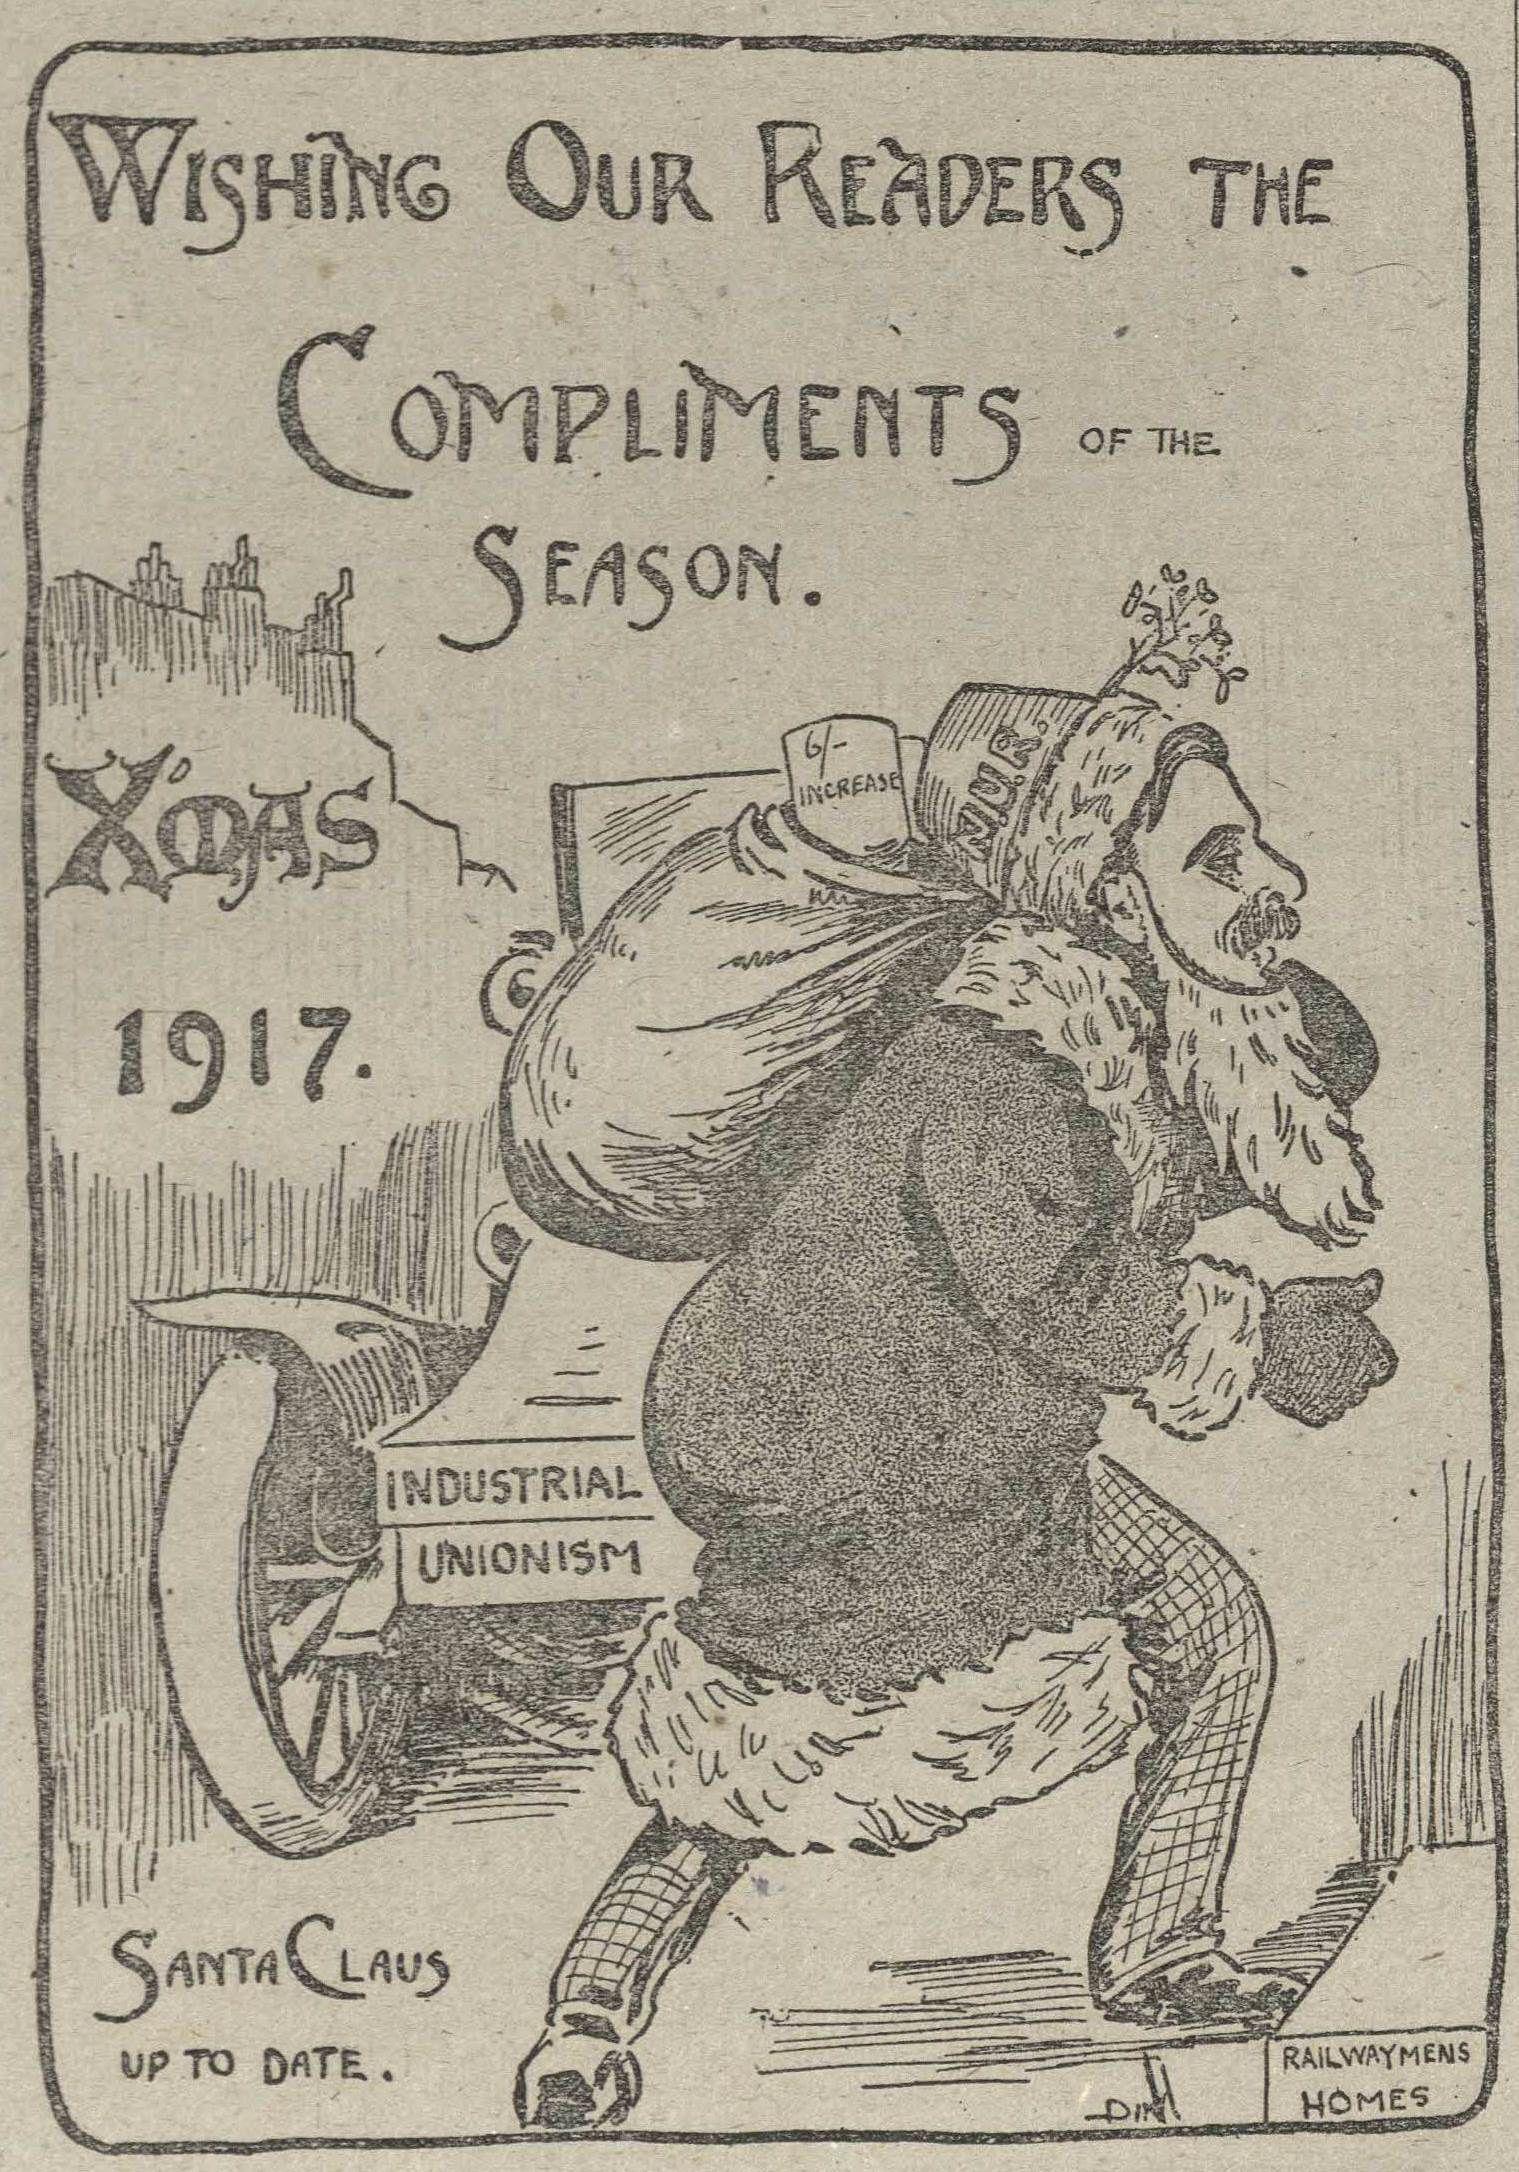 Compliments Of The Season Christmas Greetings